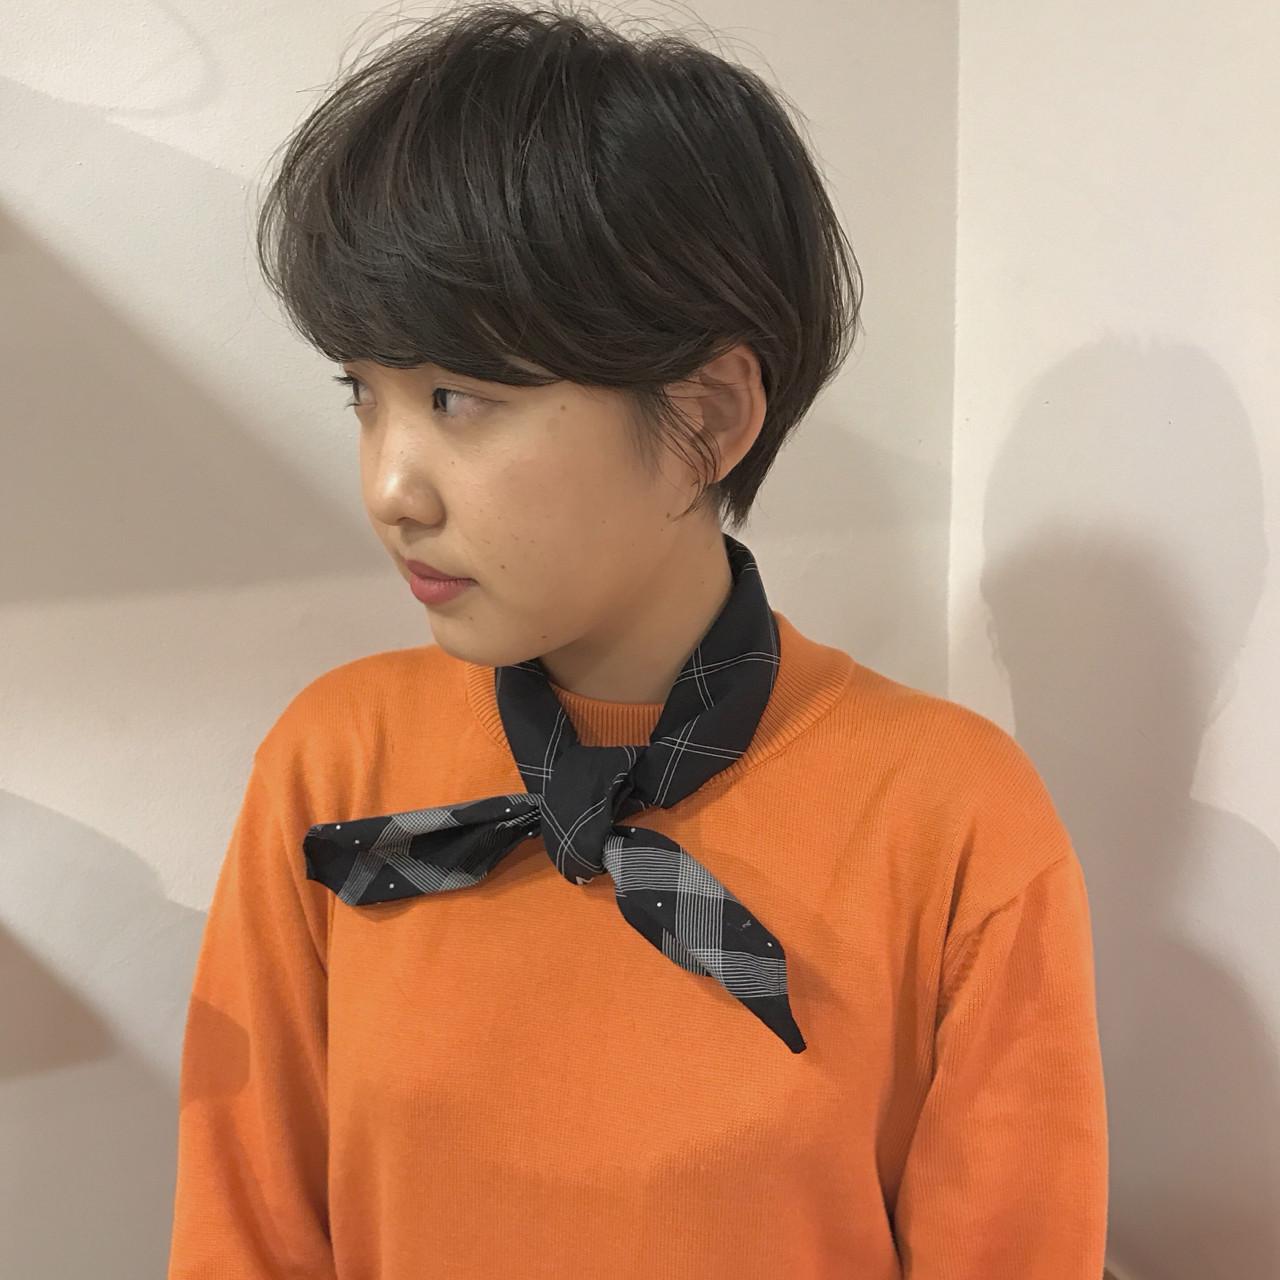 マッシュ ショートボブ ショート 黒髪 ヘアスタイルや髪型の写真・画像 | KENTO.NOESALON / NOE SALON